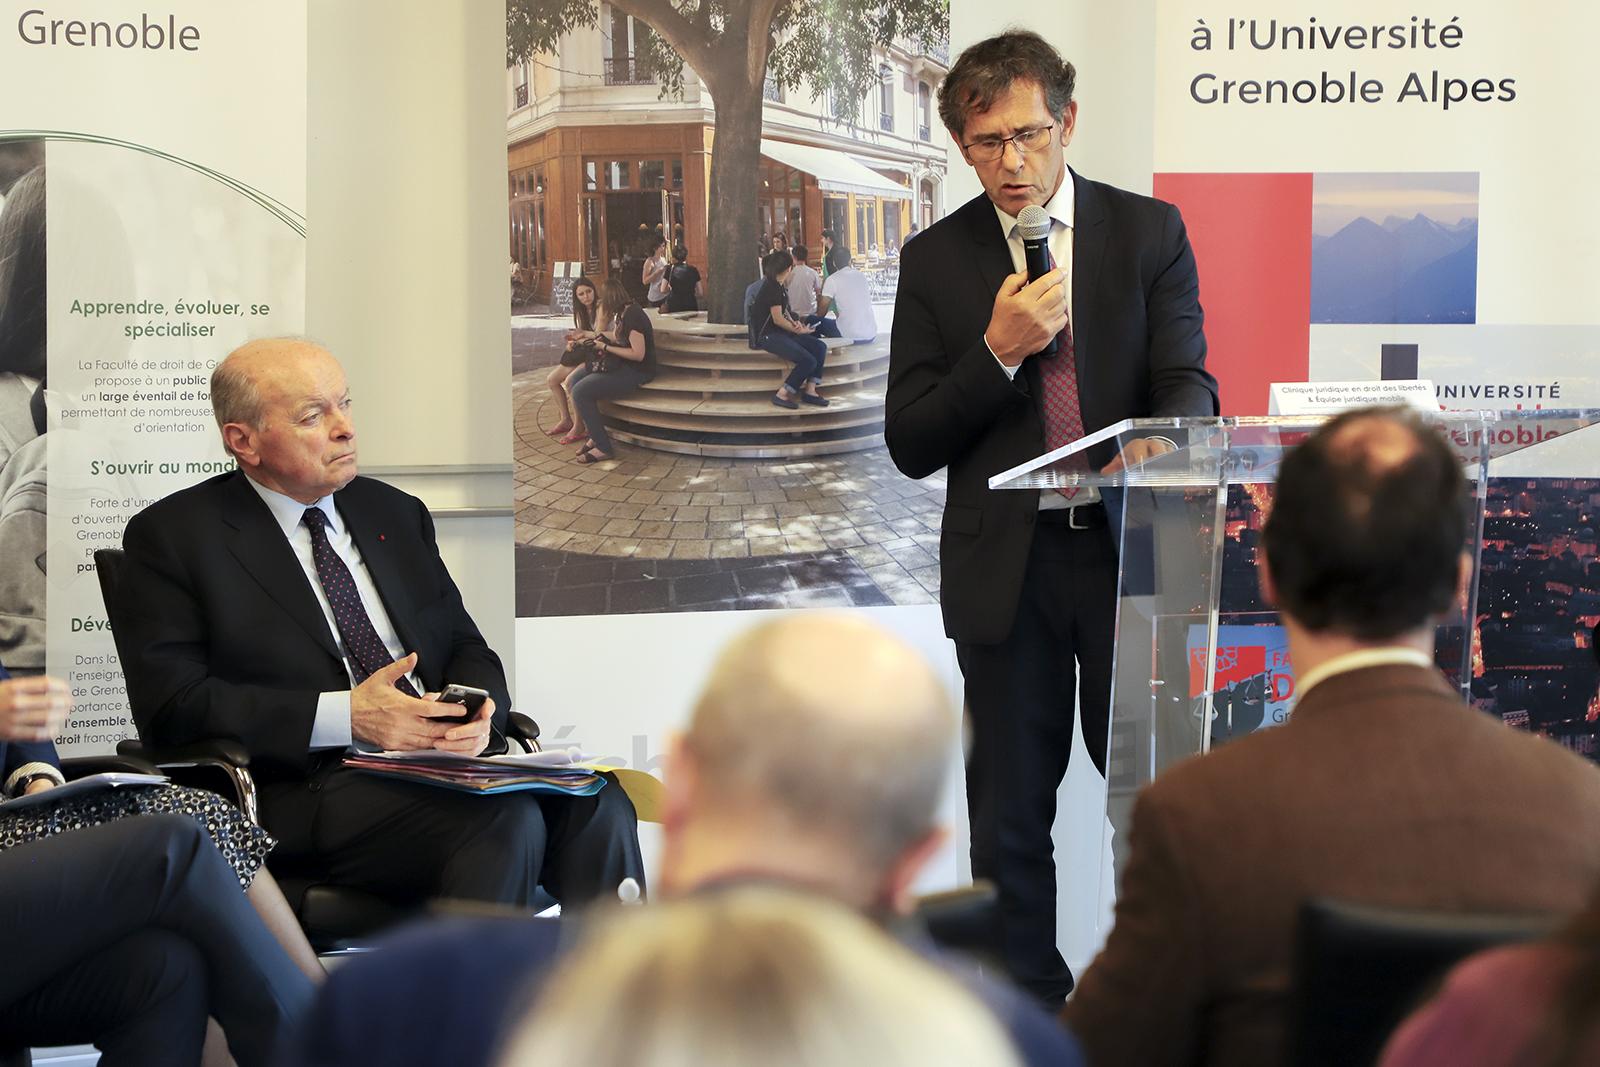 Jacques Toubon, Défenseur des Droits, et Patrick Lévy, président de l'UGA